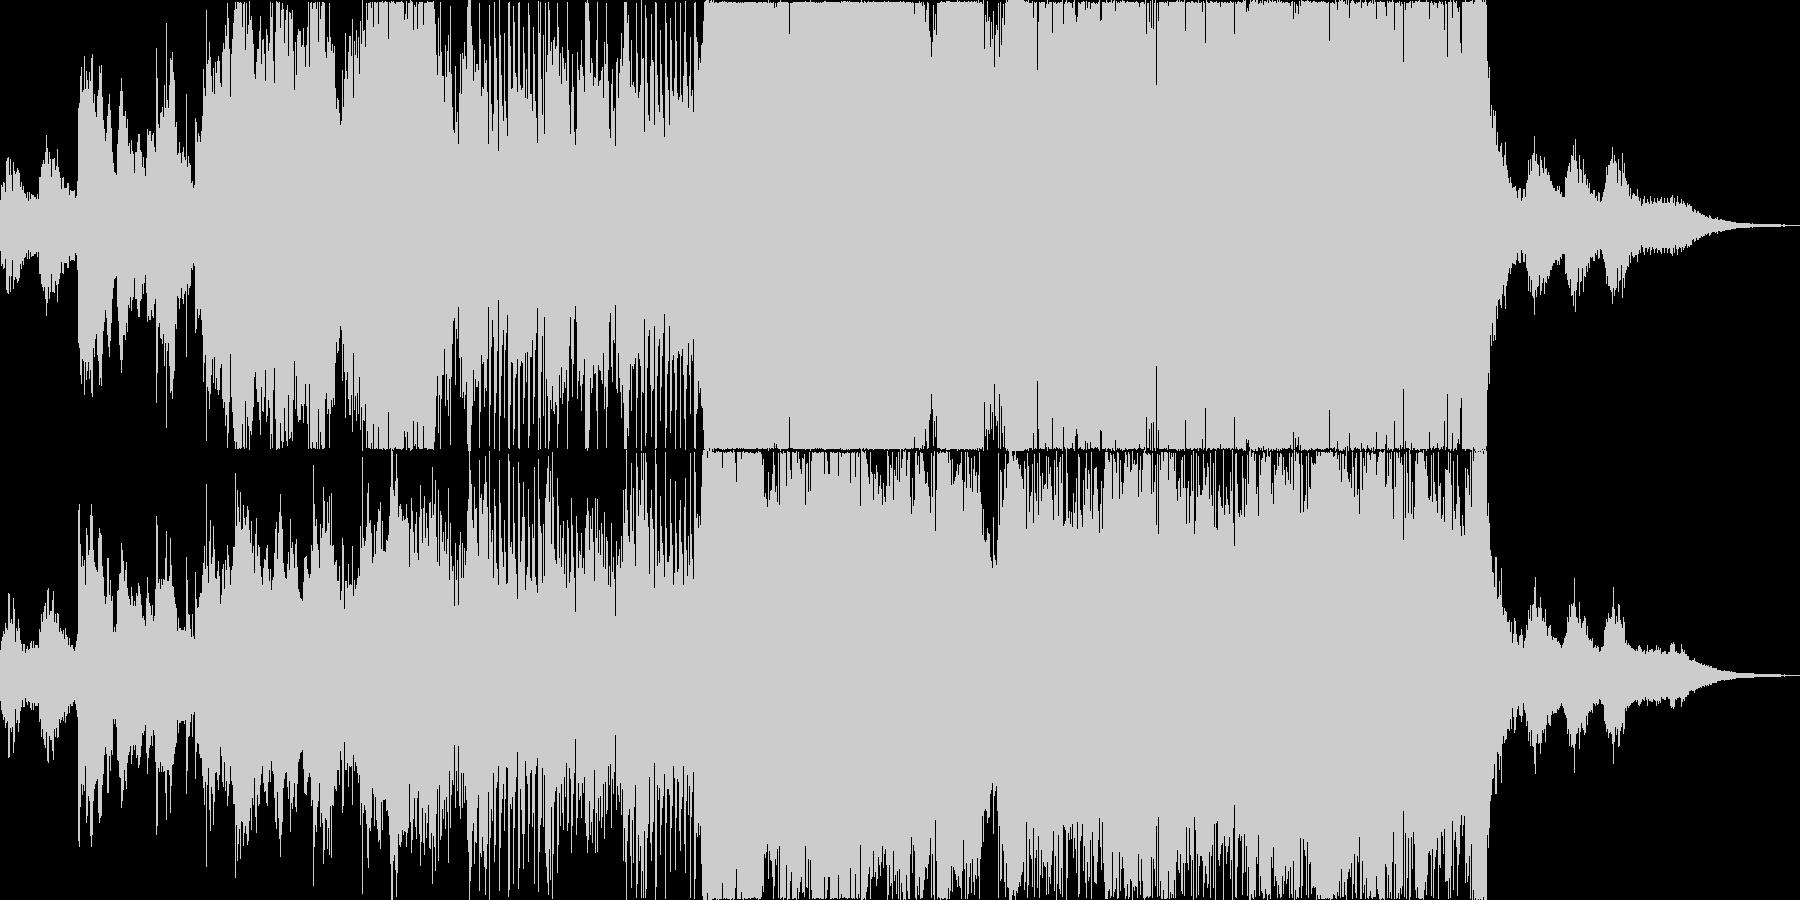 和楽器をフィーチャーしたダークな楽曲の未再生の波形